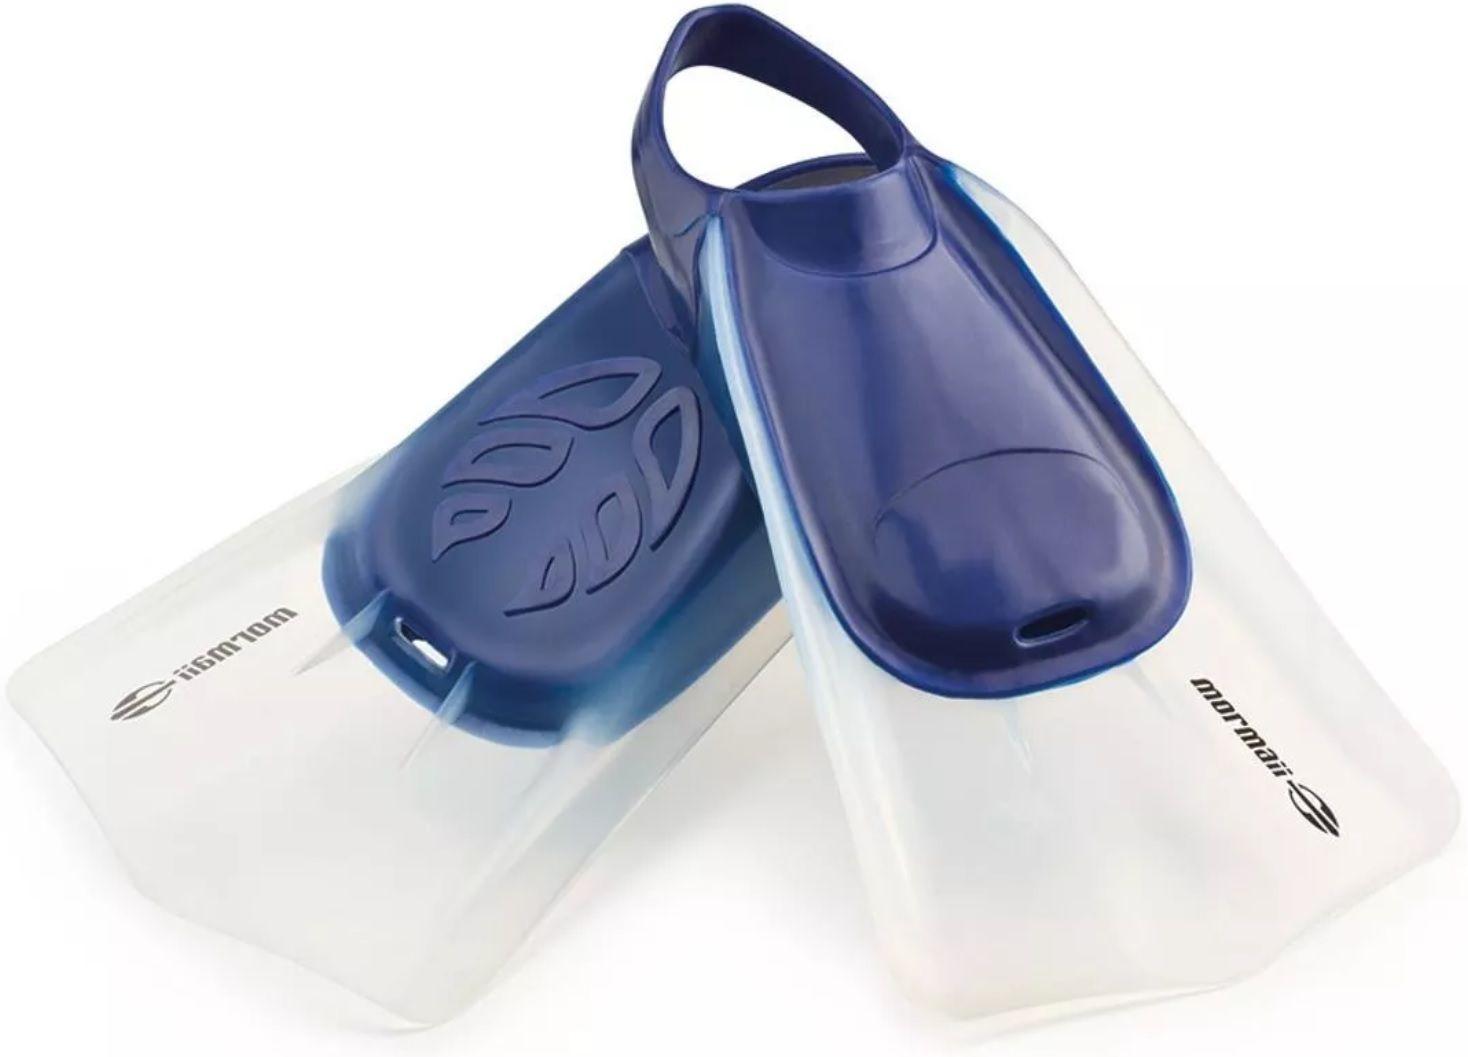 Nadadeira Pé de Pato Mormaii Wave Azul Tamanho P para Bodyboard e Natação